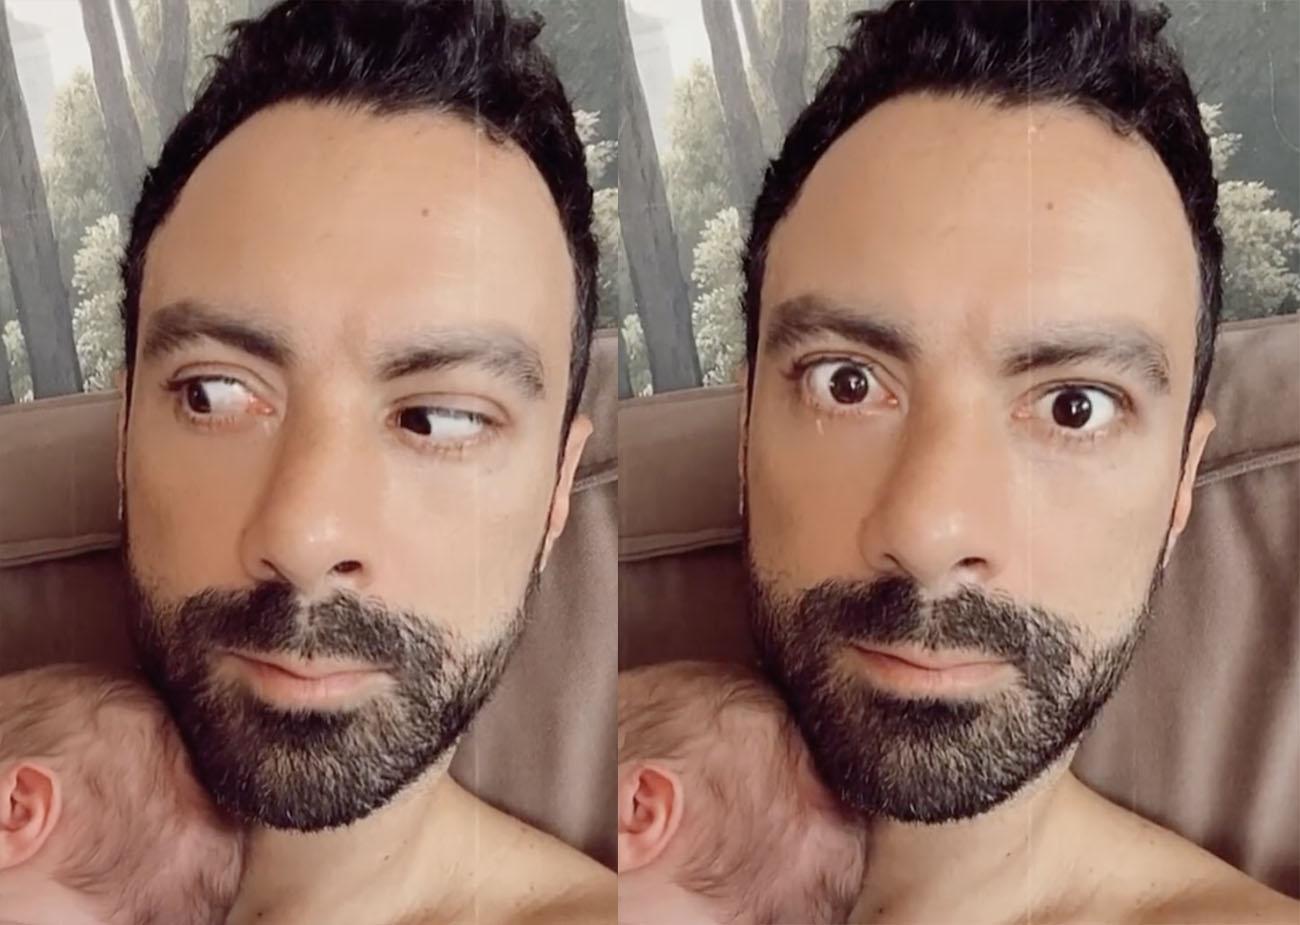 Σάκης Τανιμανίδης: Το νέο βίντεο με τα δίδυμα που «γονάτισε» το Instagram